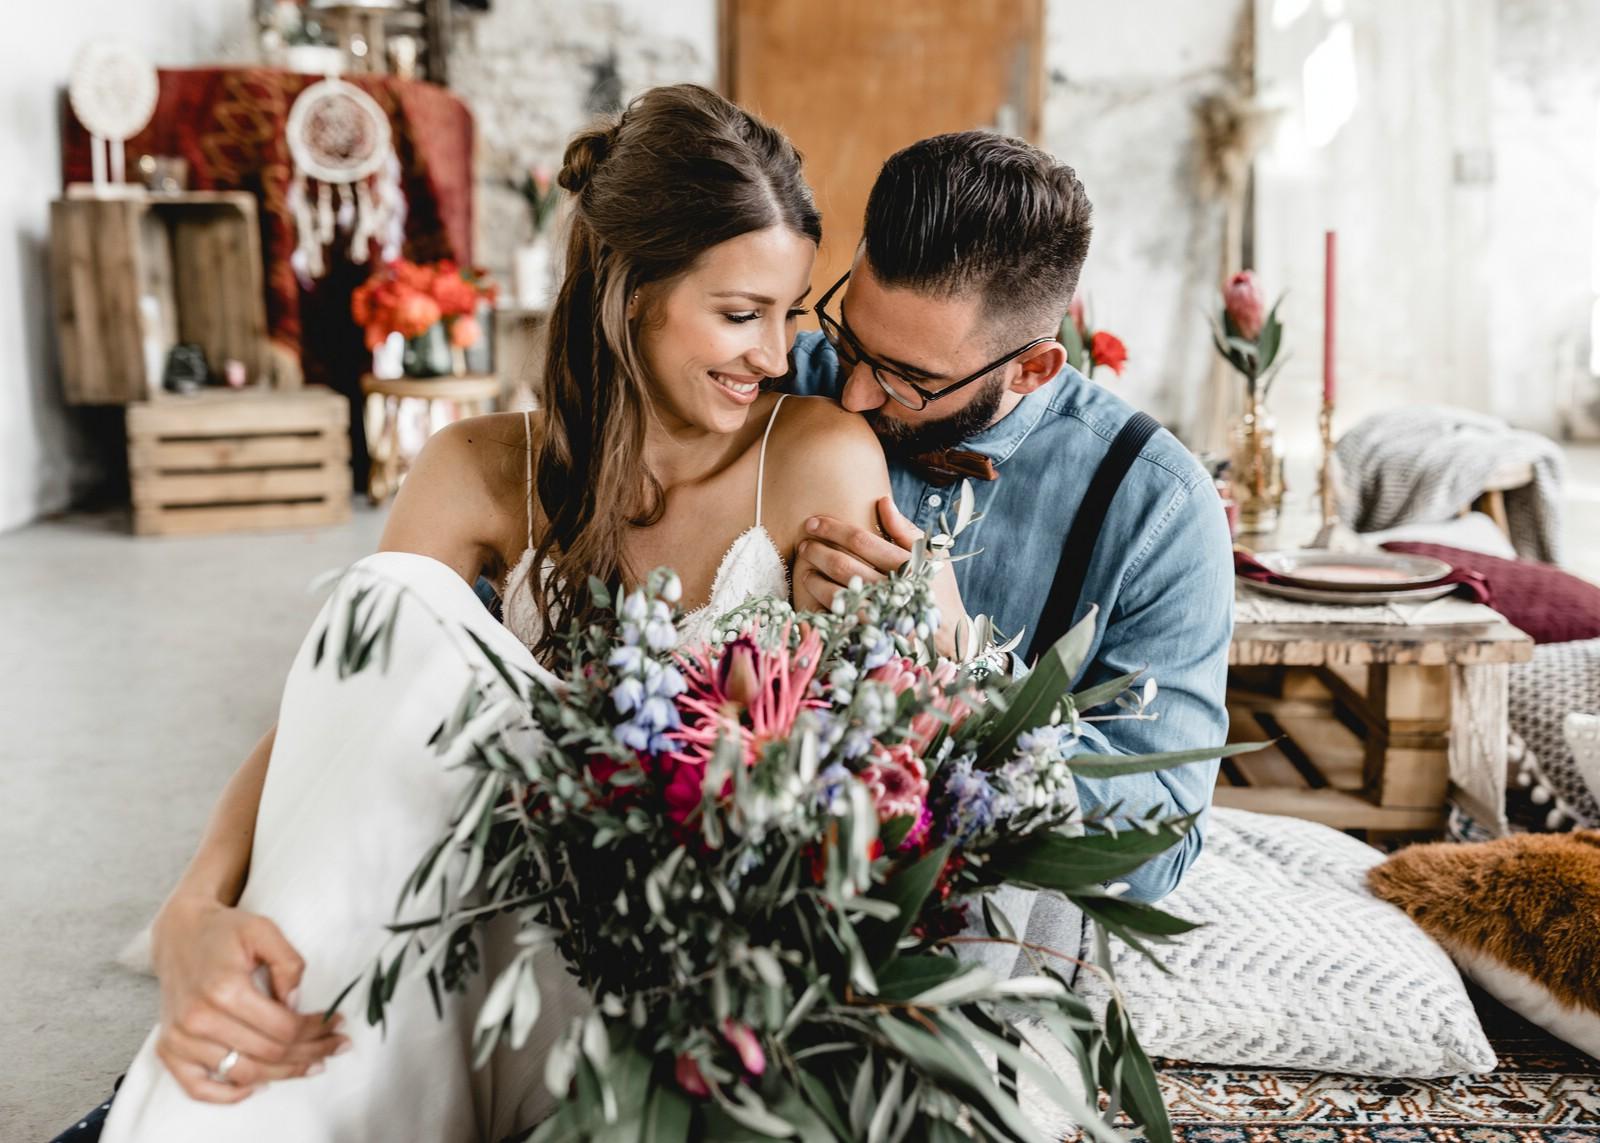 Fotograf Landshut Hochzeit